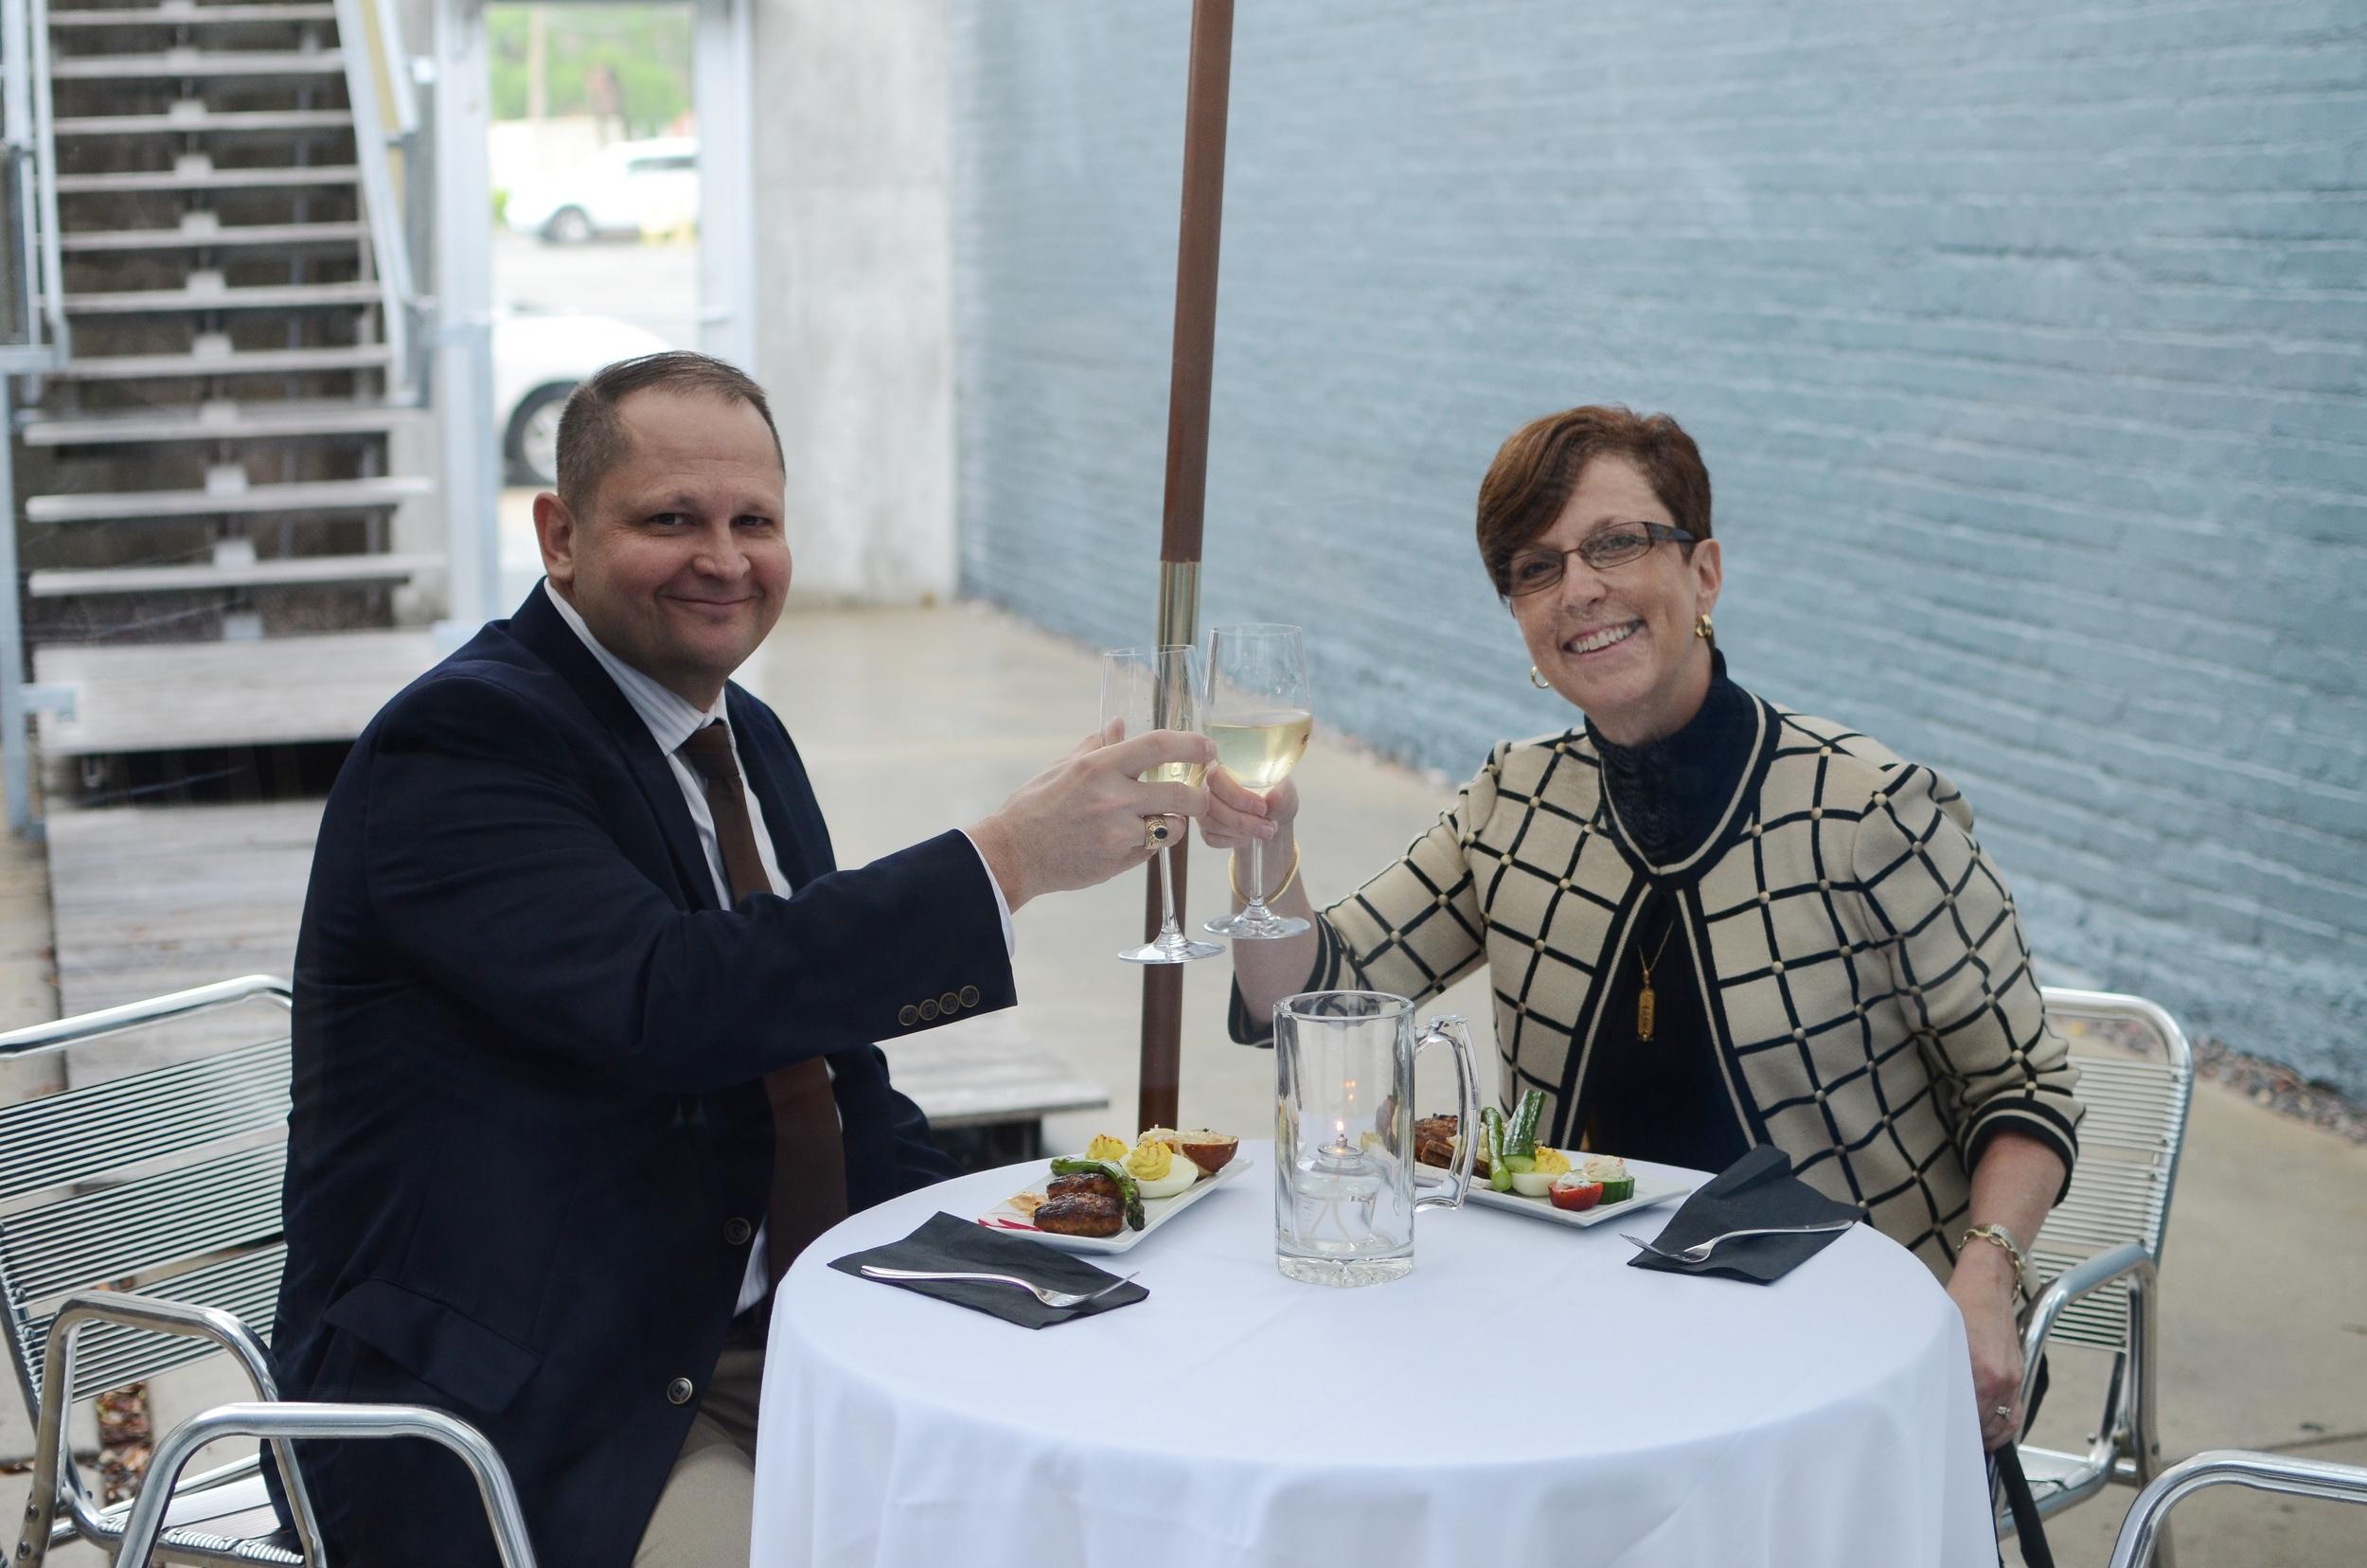 Bryan & Jennifer Wampler, UMKC Convservatory, AFP President